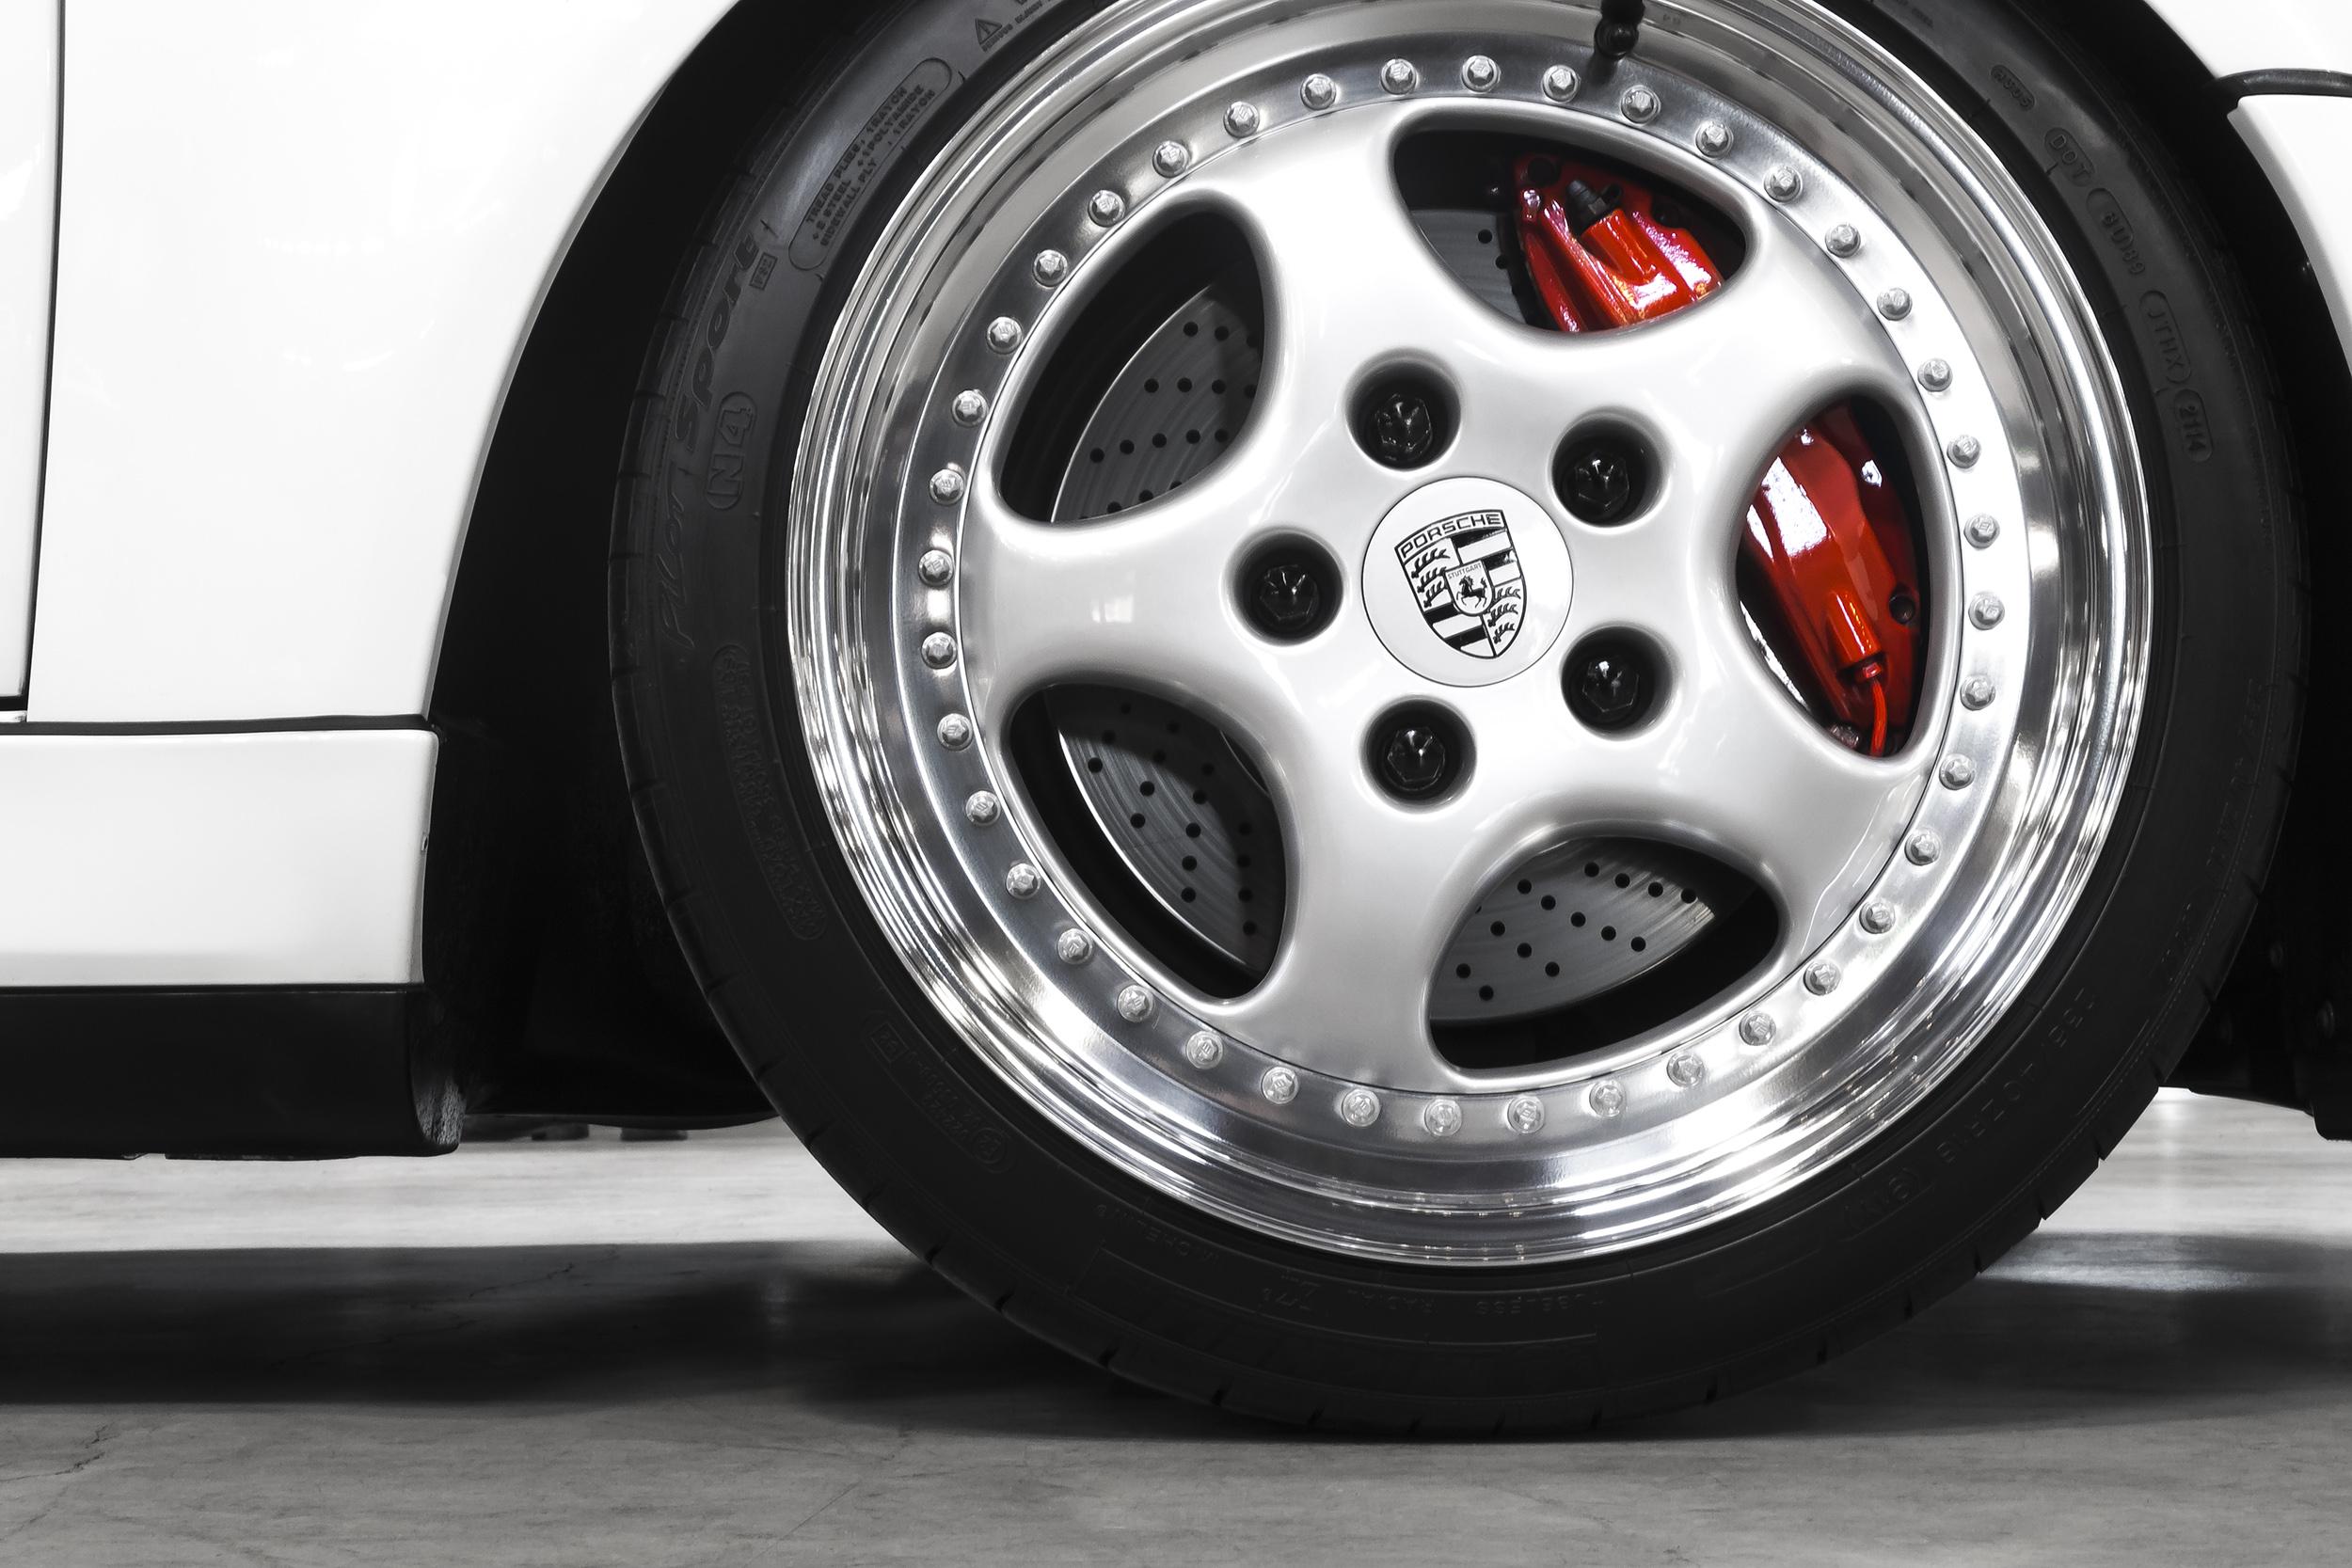 Porsche_low_angle_photo